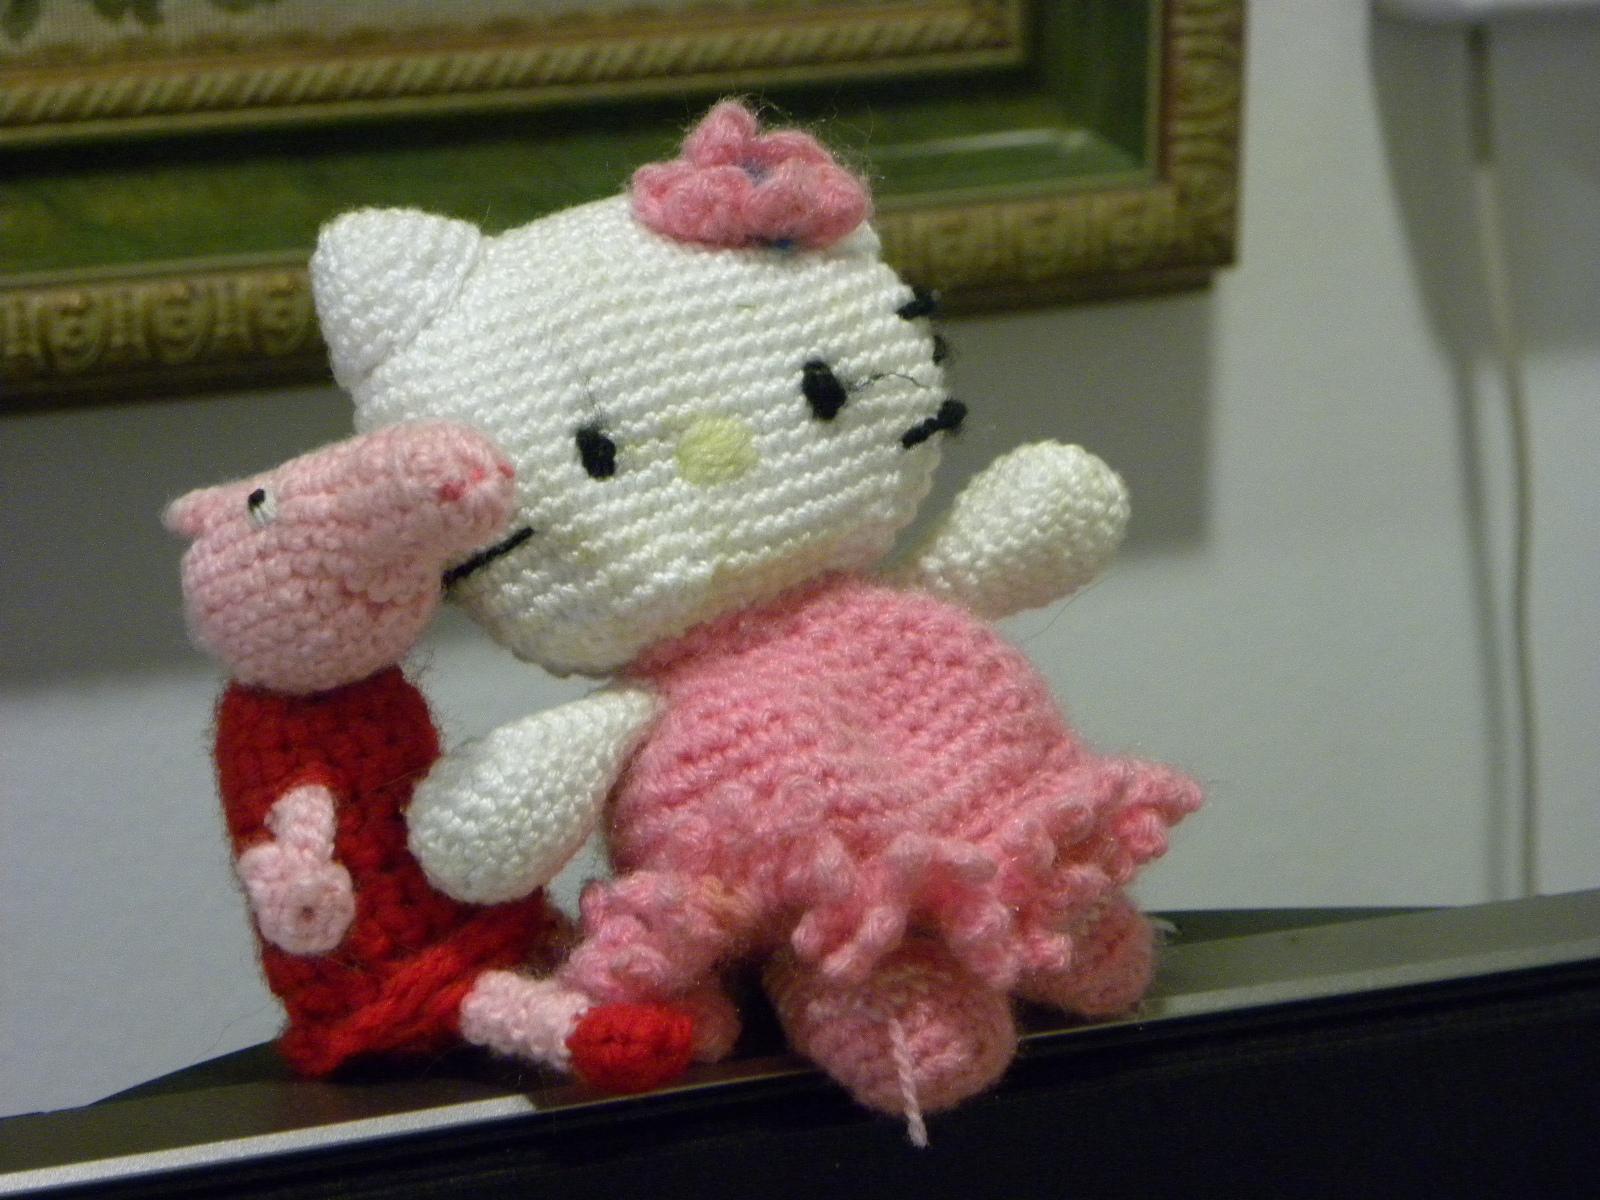 La mirada de un gato: Un amigurumi de Peppa Pig